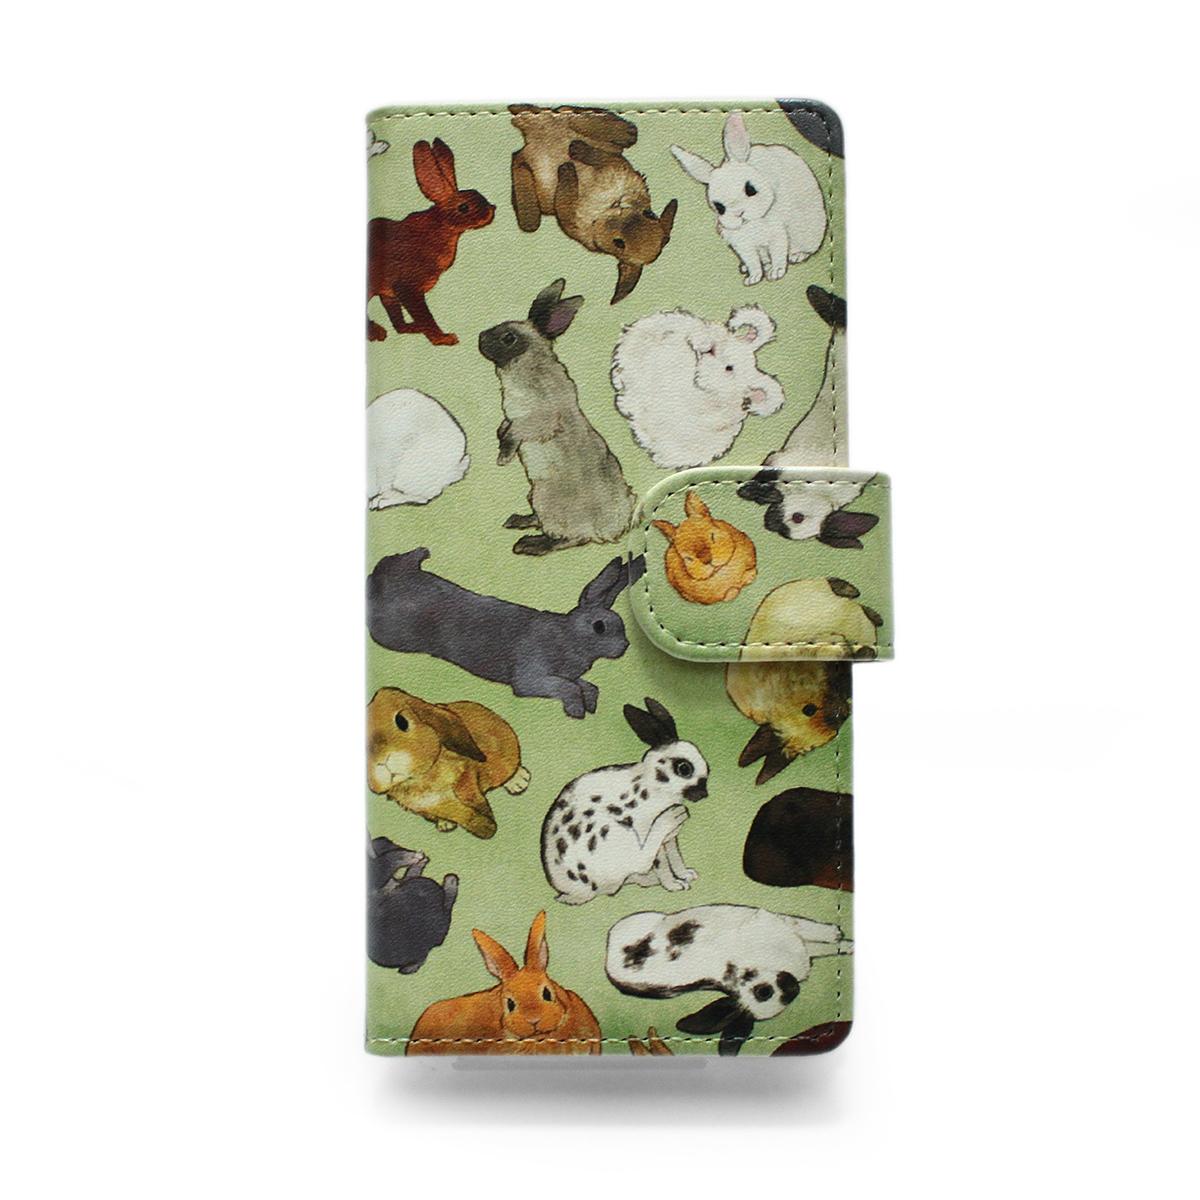 ウサギ図鑑/ スマートフォンケース (iPhone8/iPhone7/6s/6兼用)